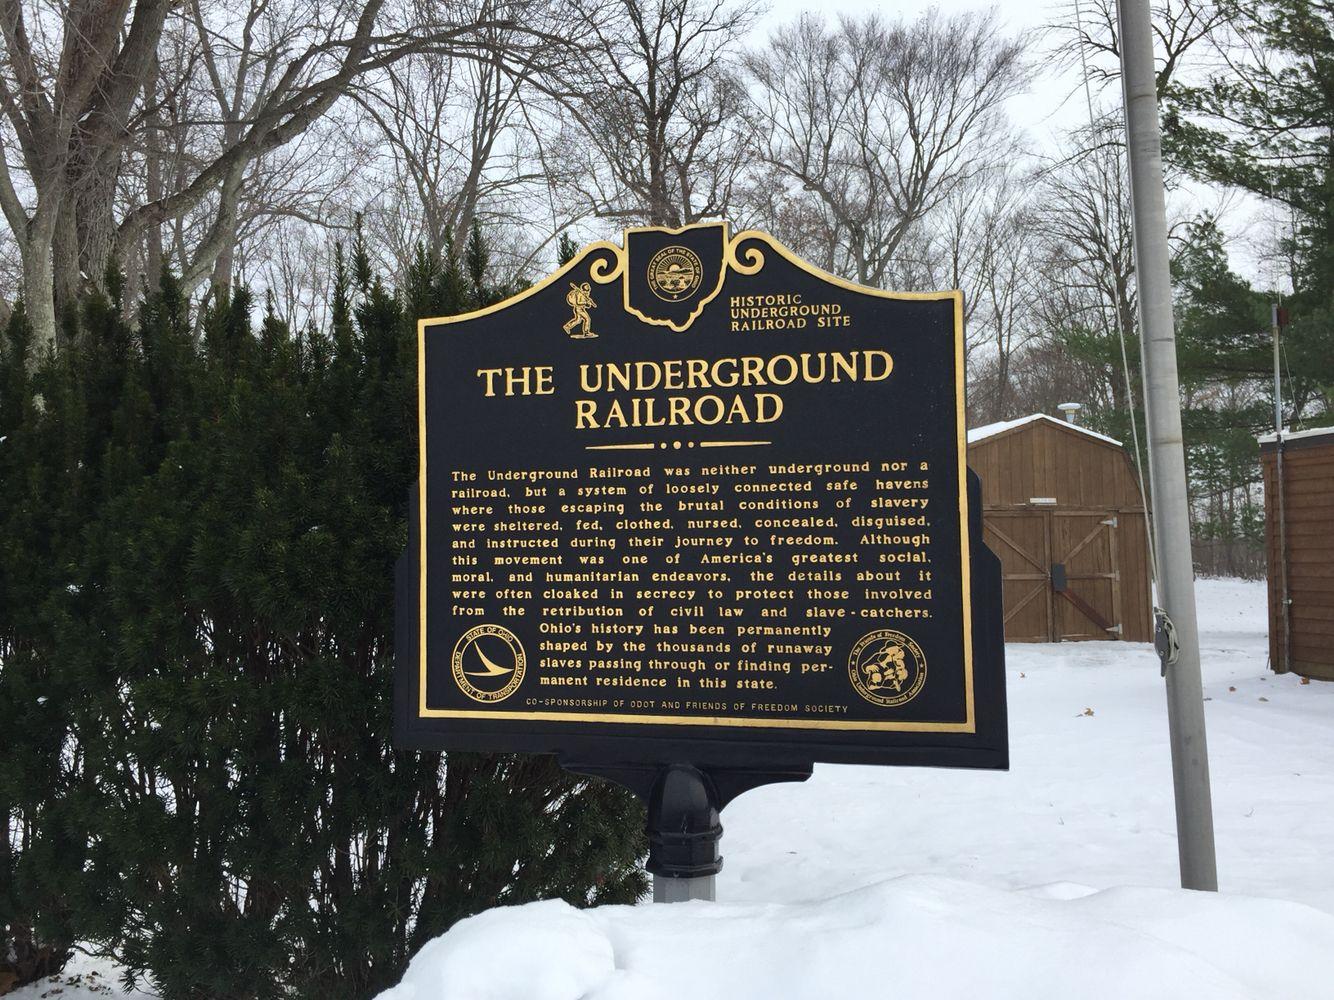 Under Ground Railroad